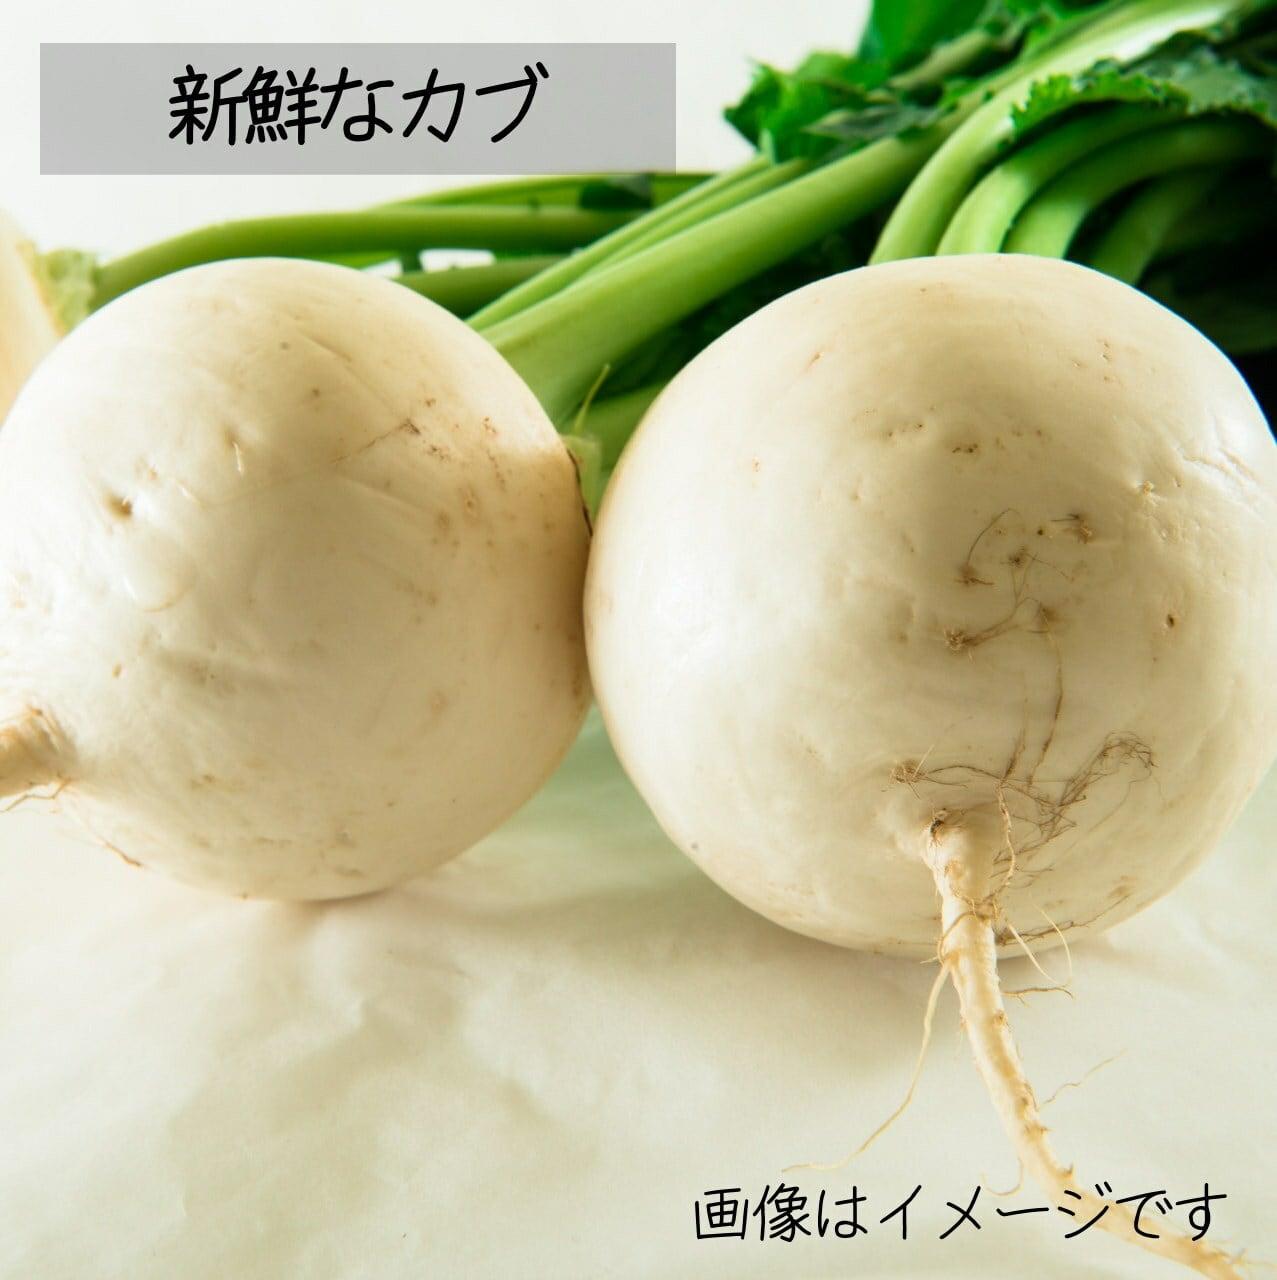 カブ 約3~4個 : 6月の朝採り直売野菜  春の新鮮野菜 6月13日発送予定